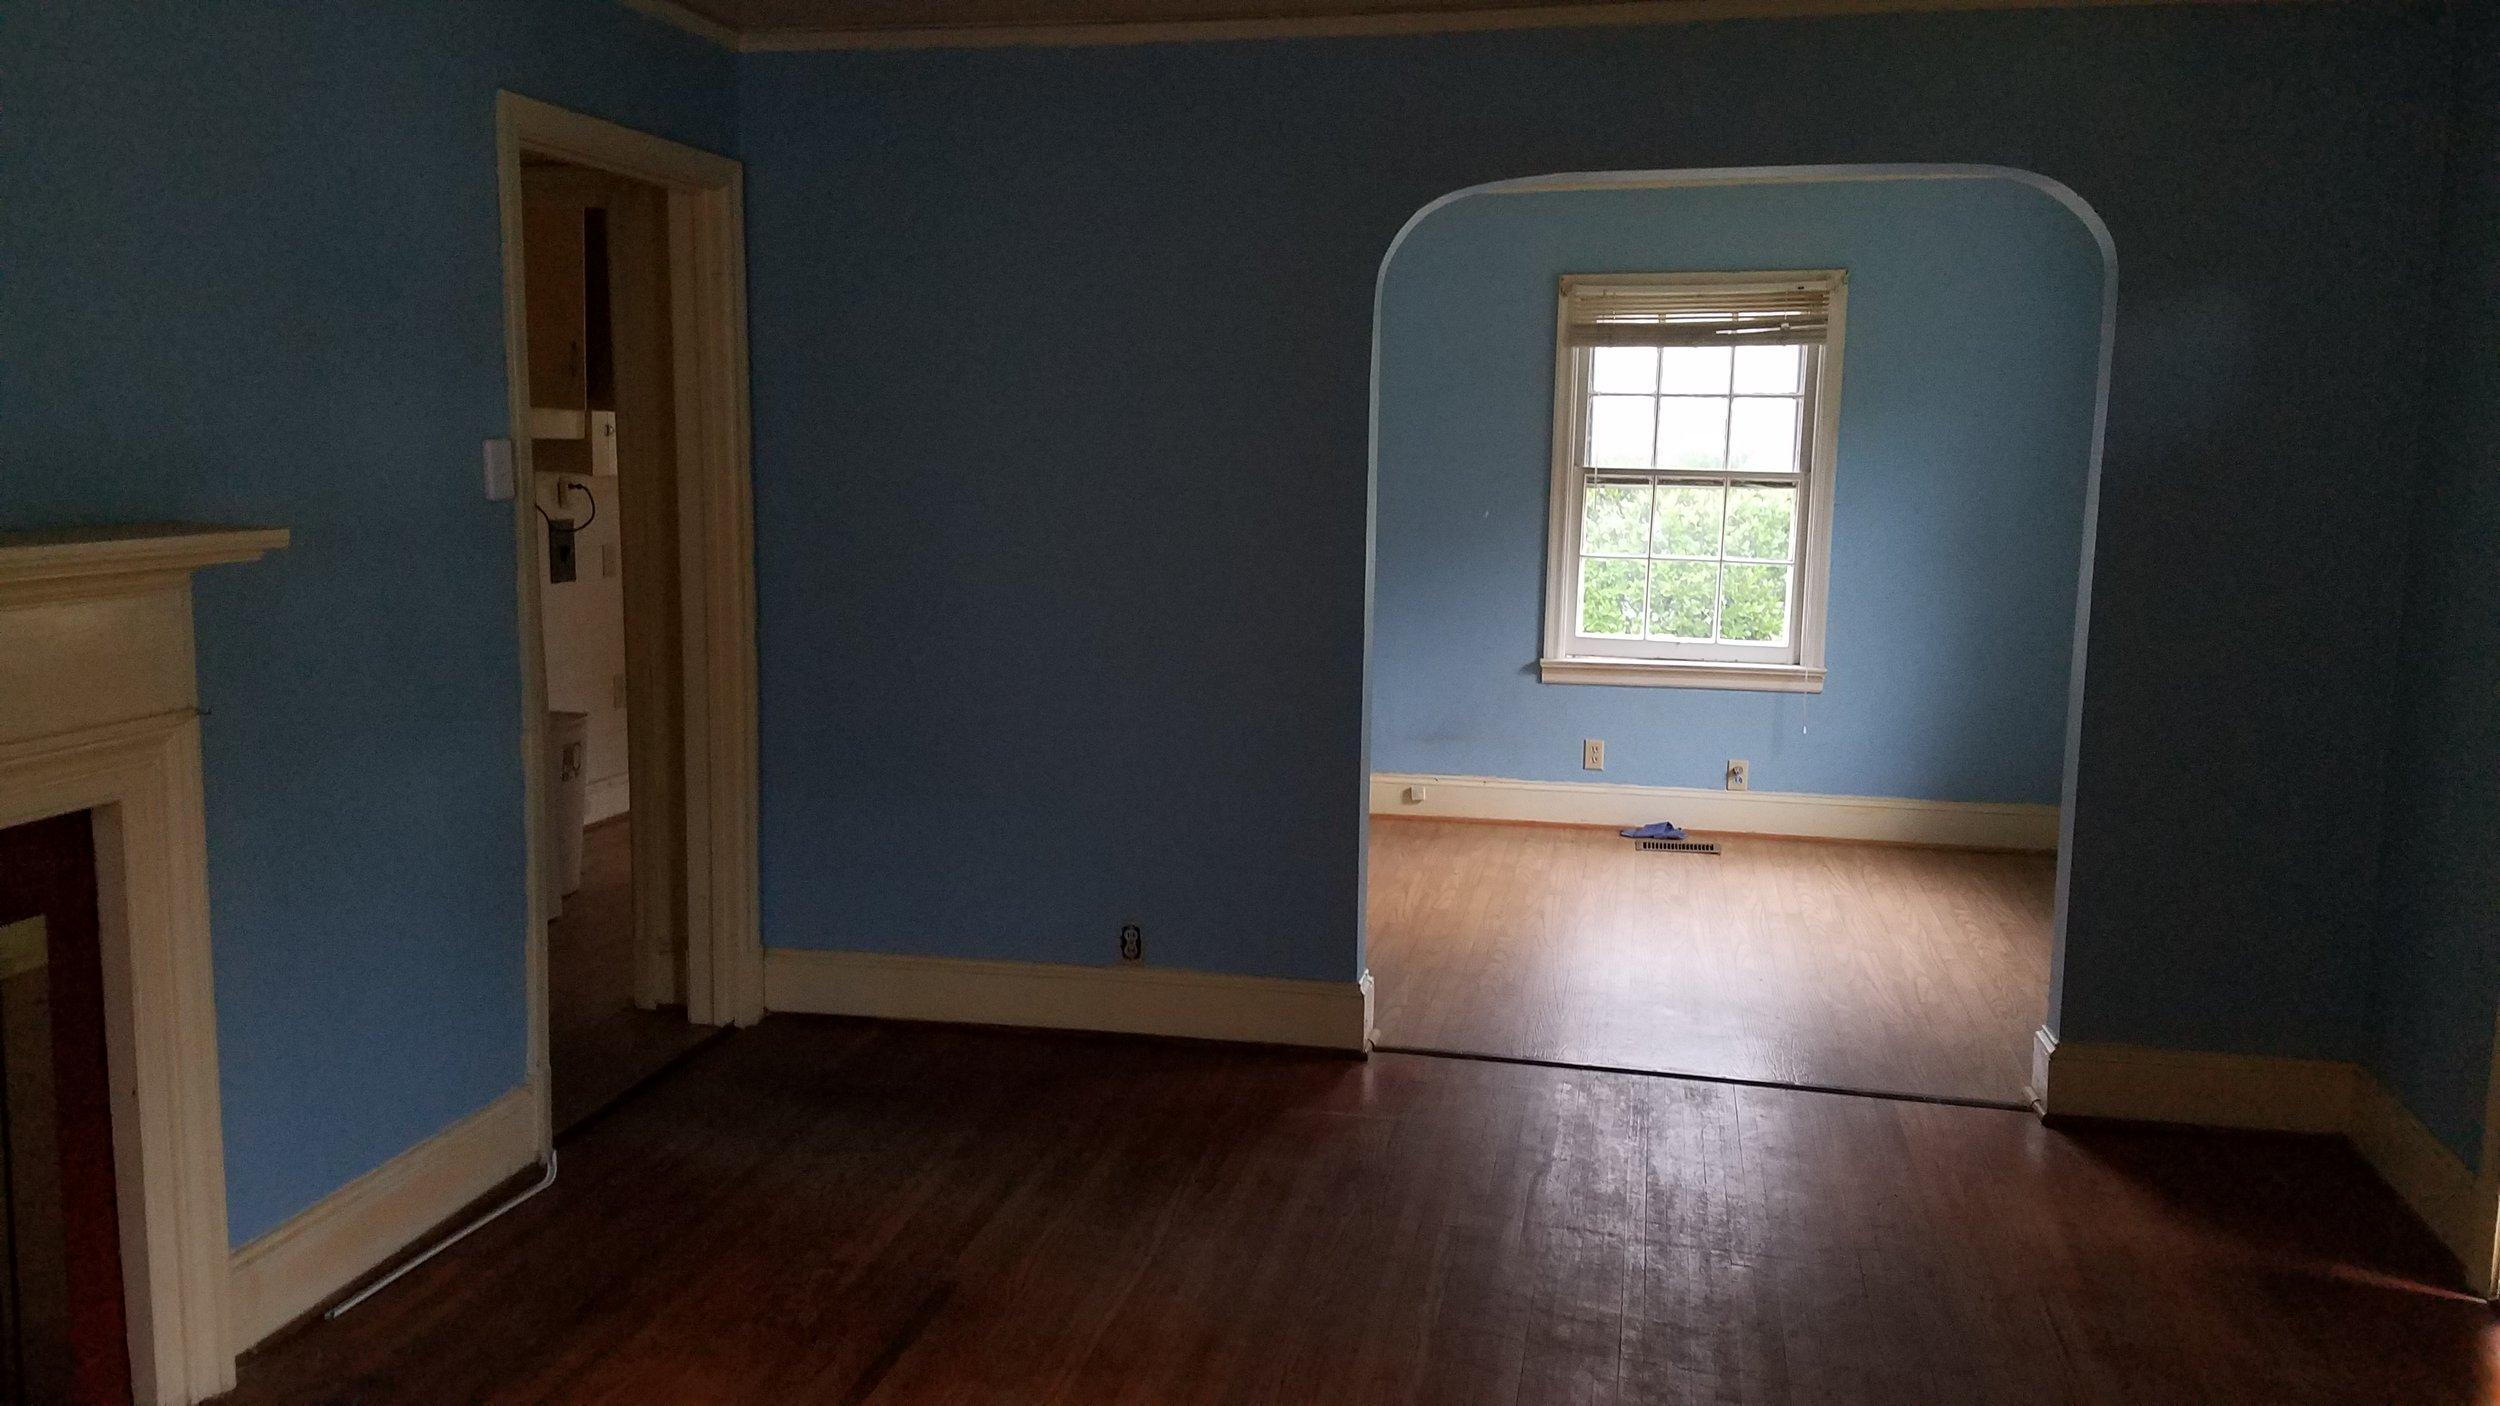 Haymount Homes Glenville Ave Living Room Before 2